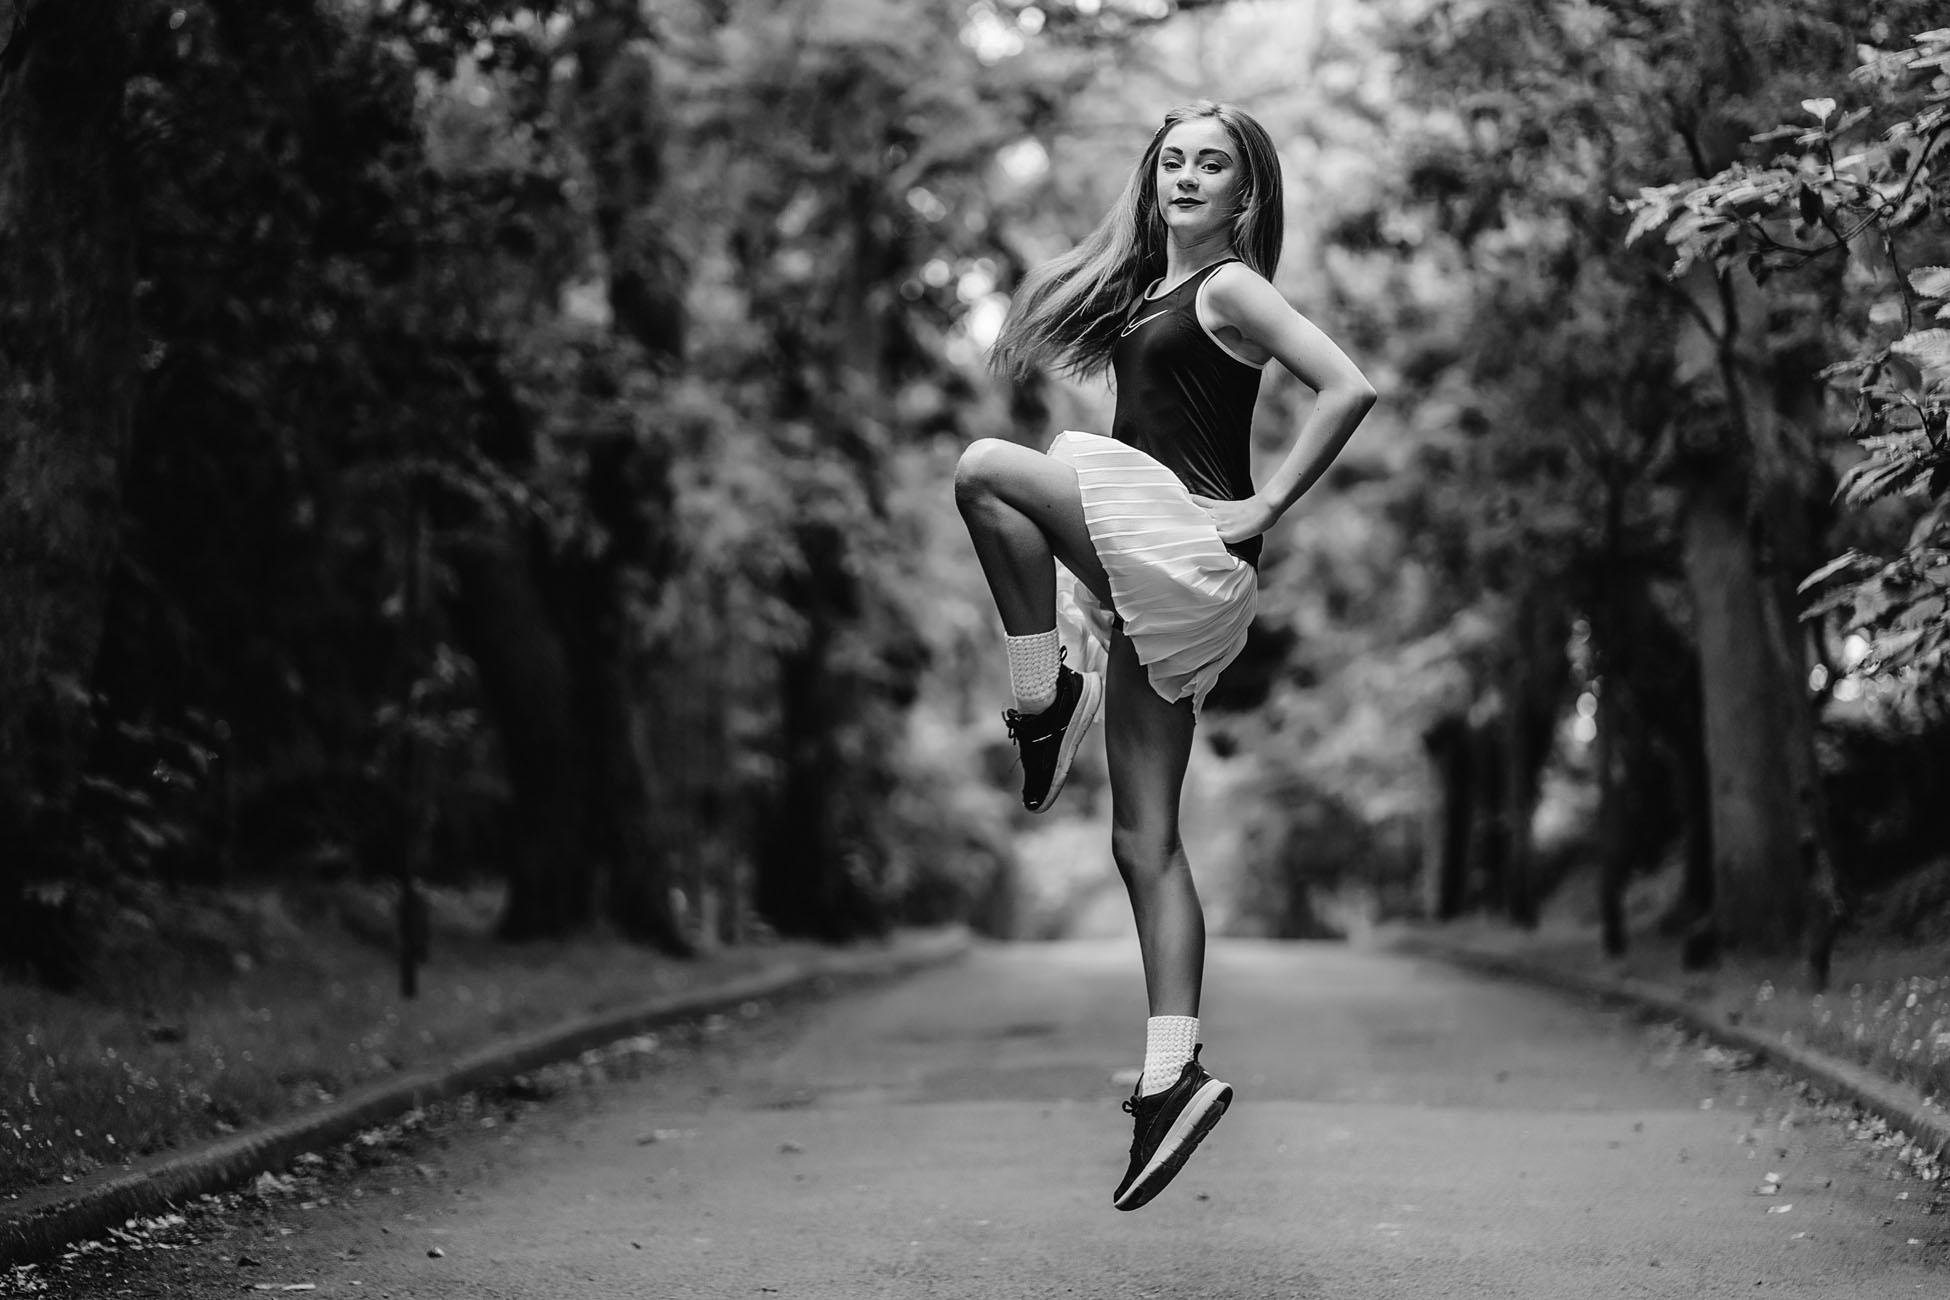 irish-dance-portrait-photographer-dublin-ireland-0020.jpg